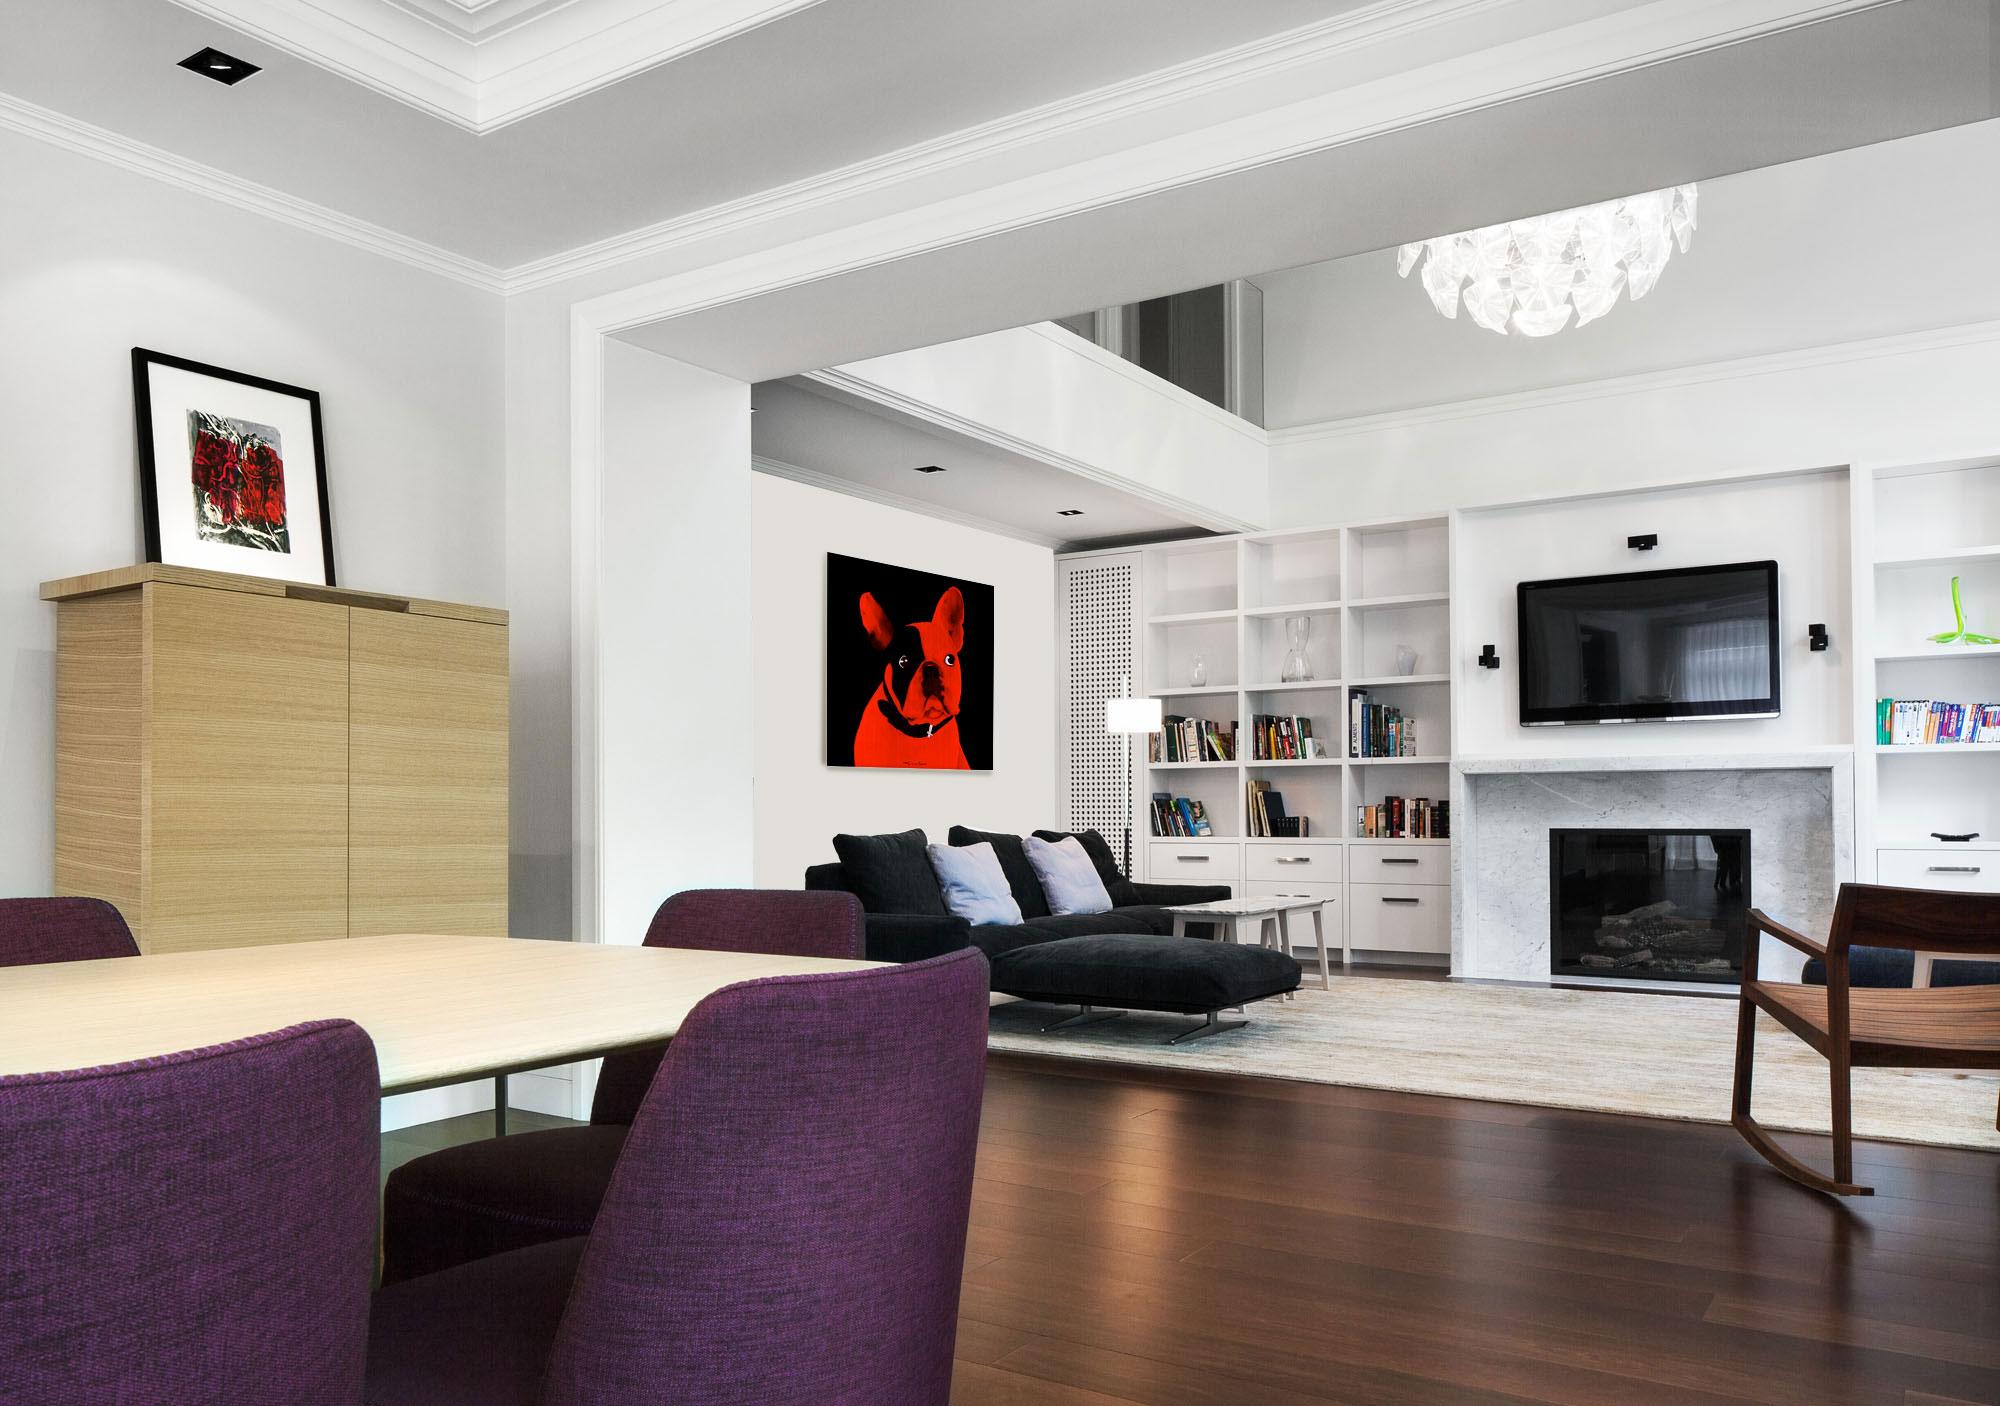 Third floor living peinture animali re thierry bisch for 100 floors 3rd floor